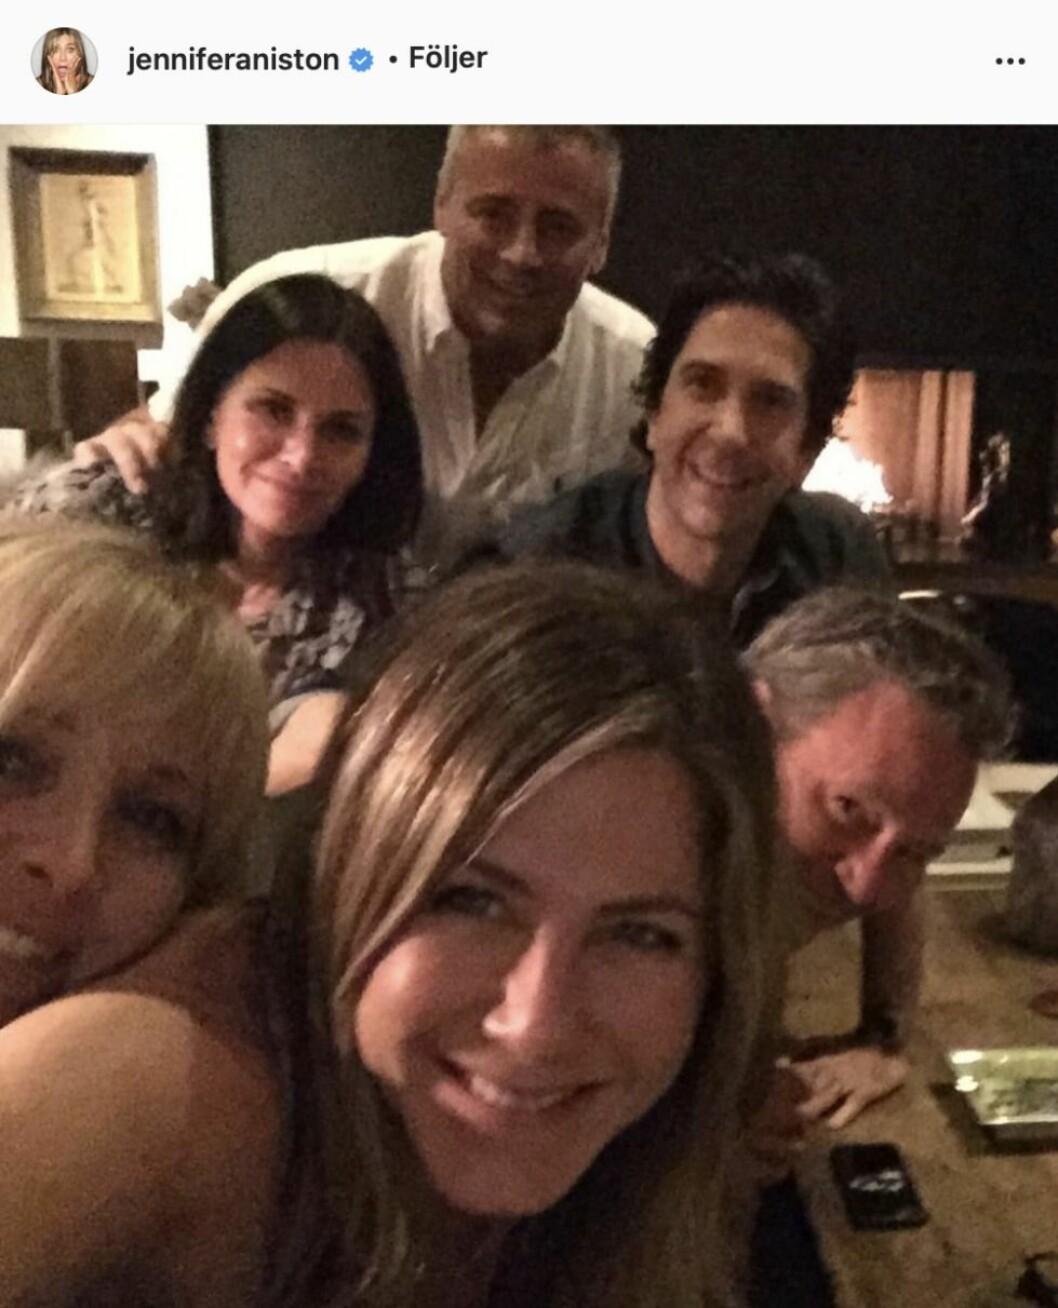 smal skådespelare från Vänner i en selfie